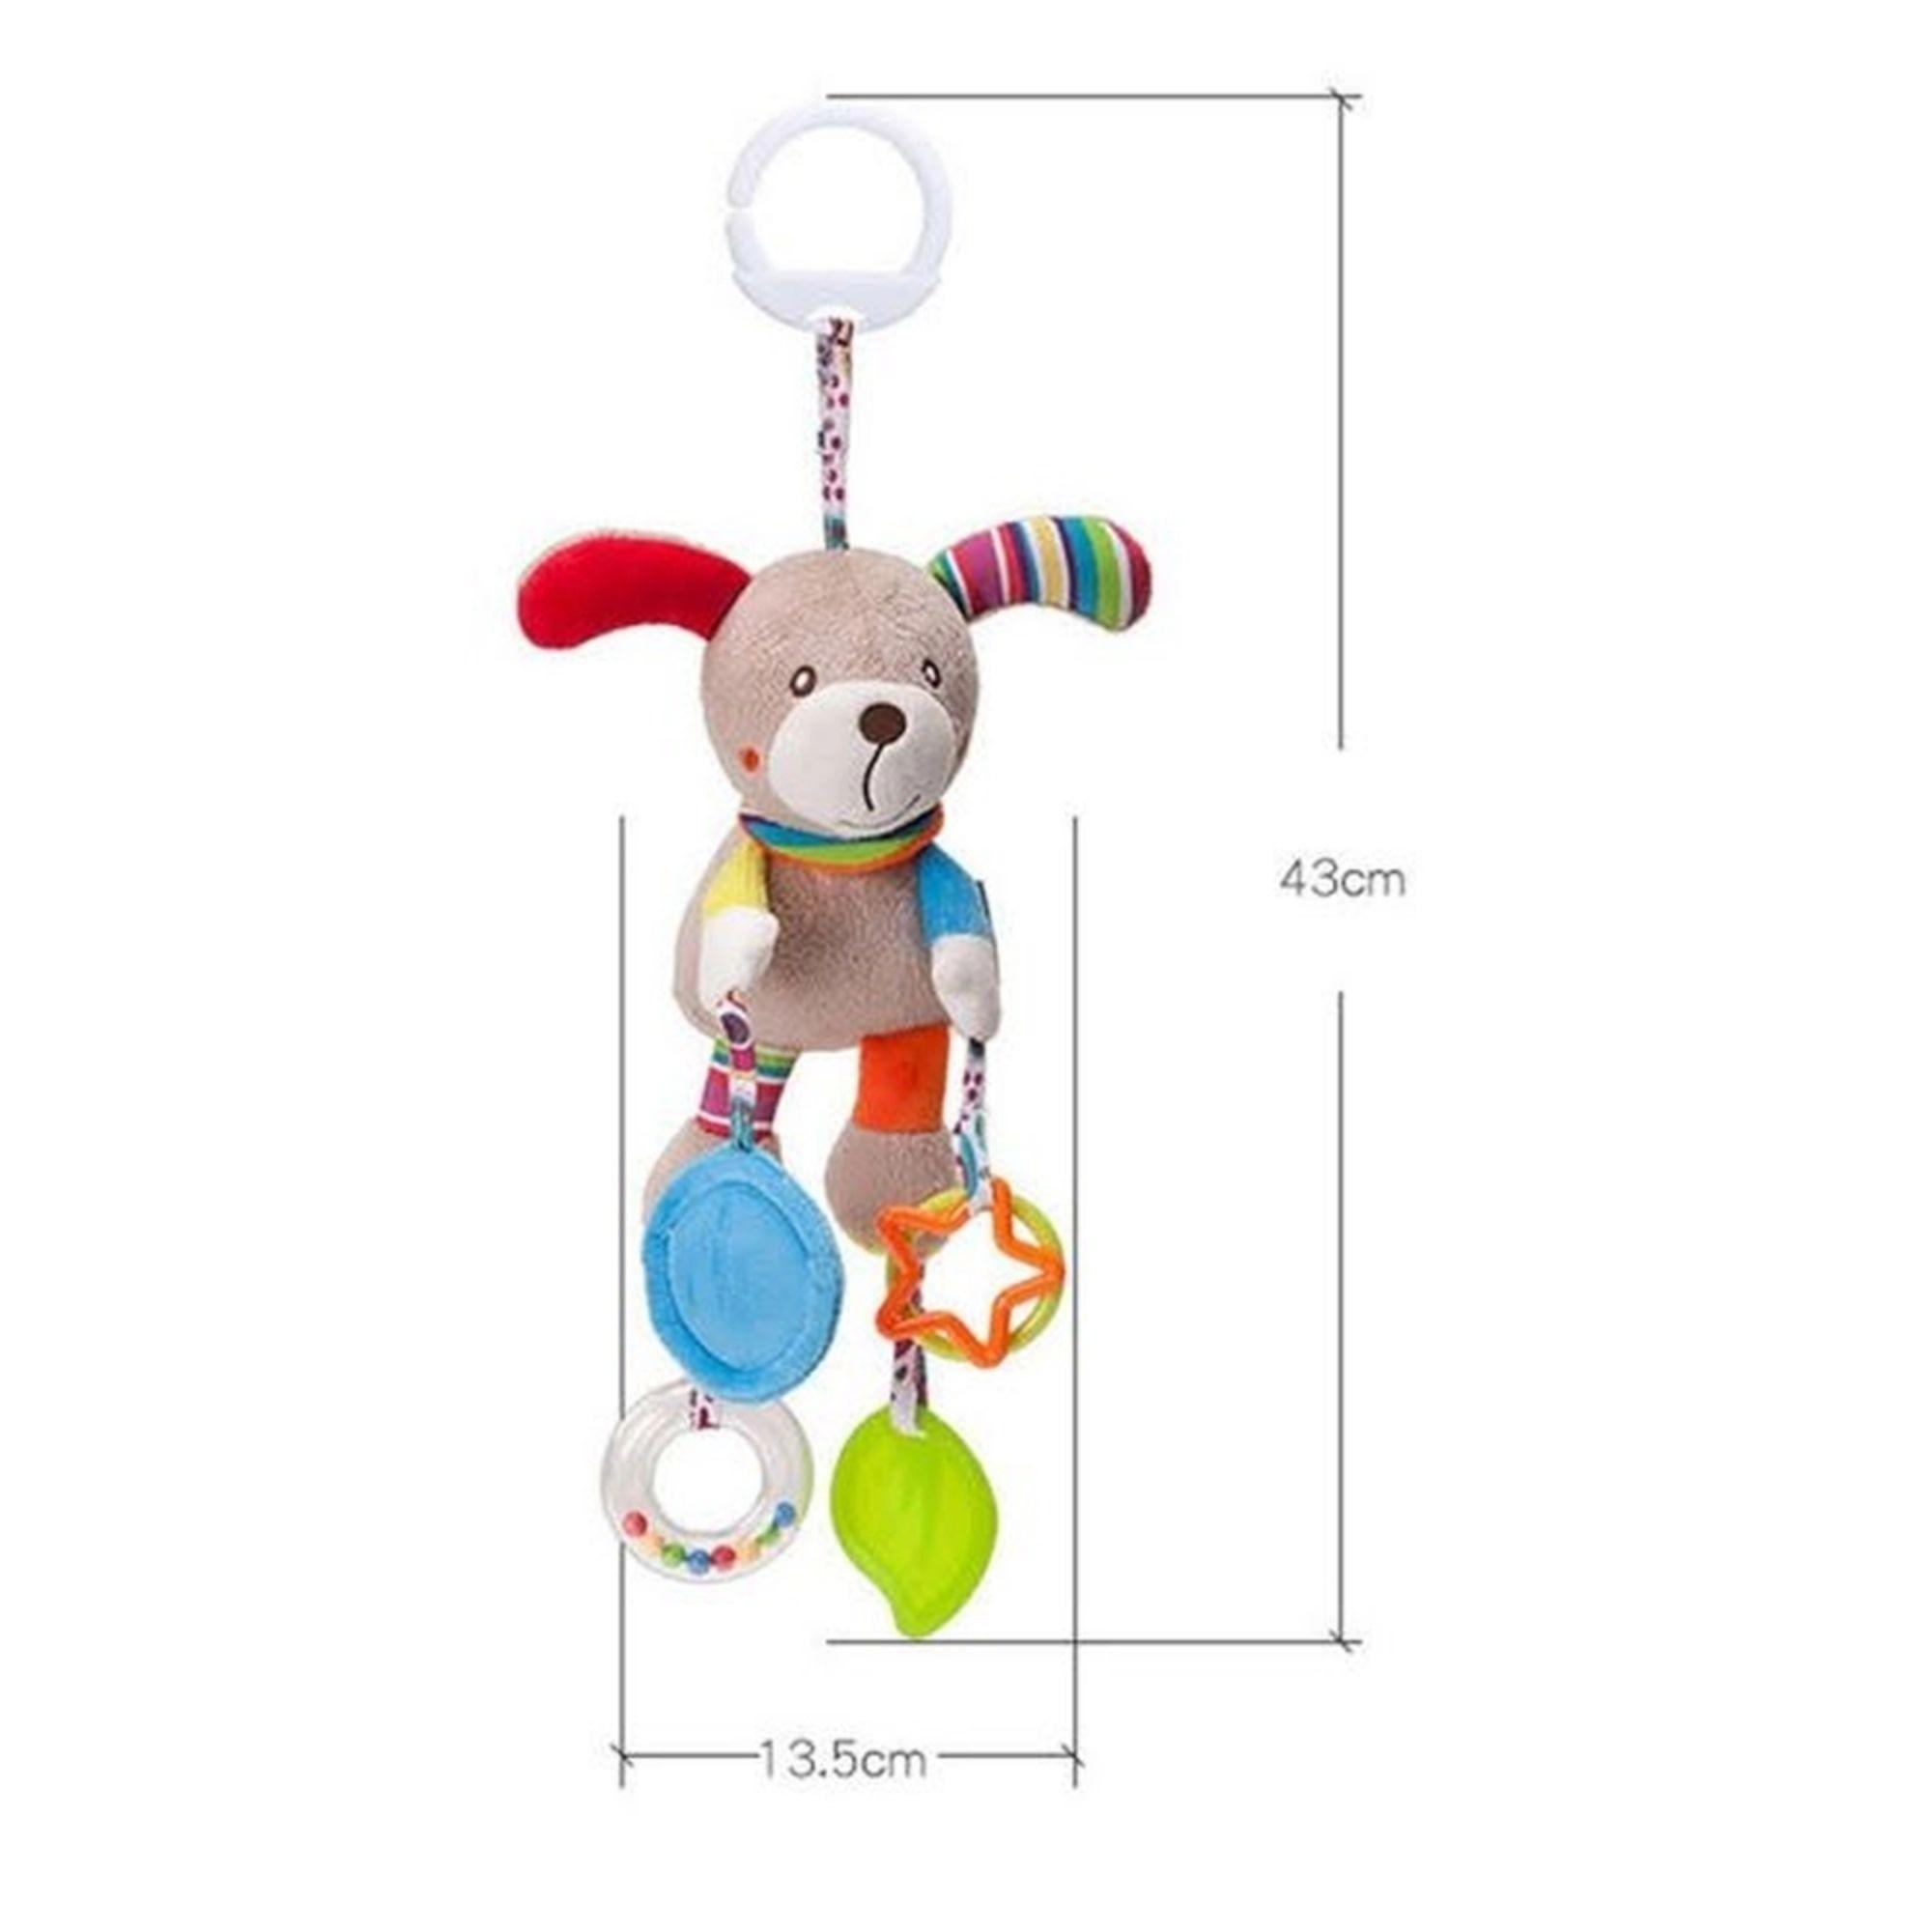 Brinquedo Mordedor para bebê de Pelucia Cachorrinho Mobile e Chocalho  - Game Land Brinquedos